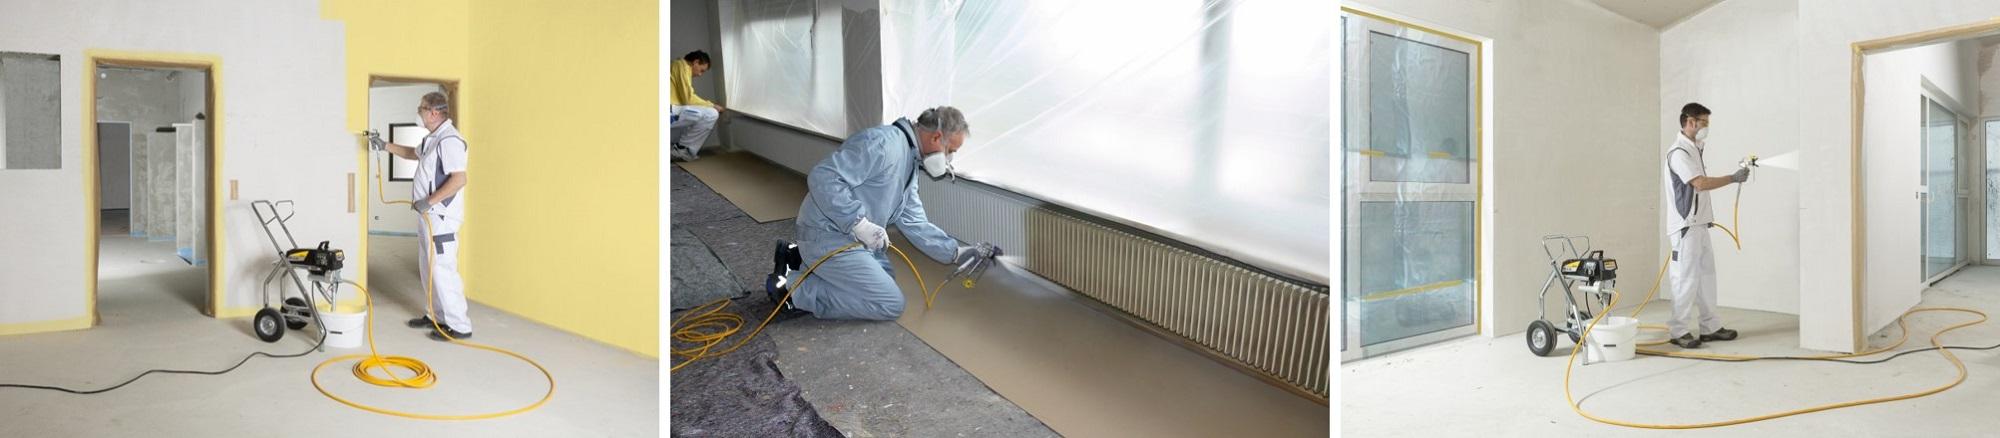 Yorkshire Spray Services Ltd – Wagner ProSpray 3.25